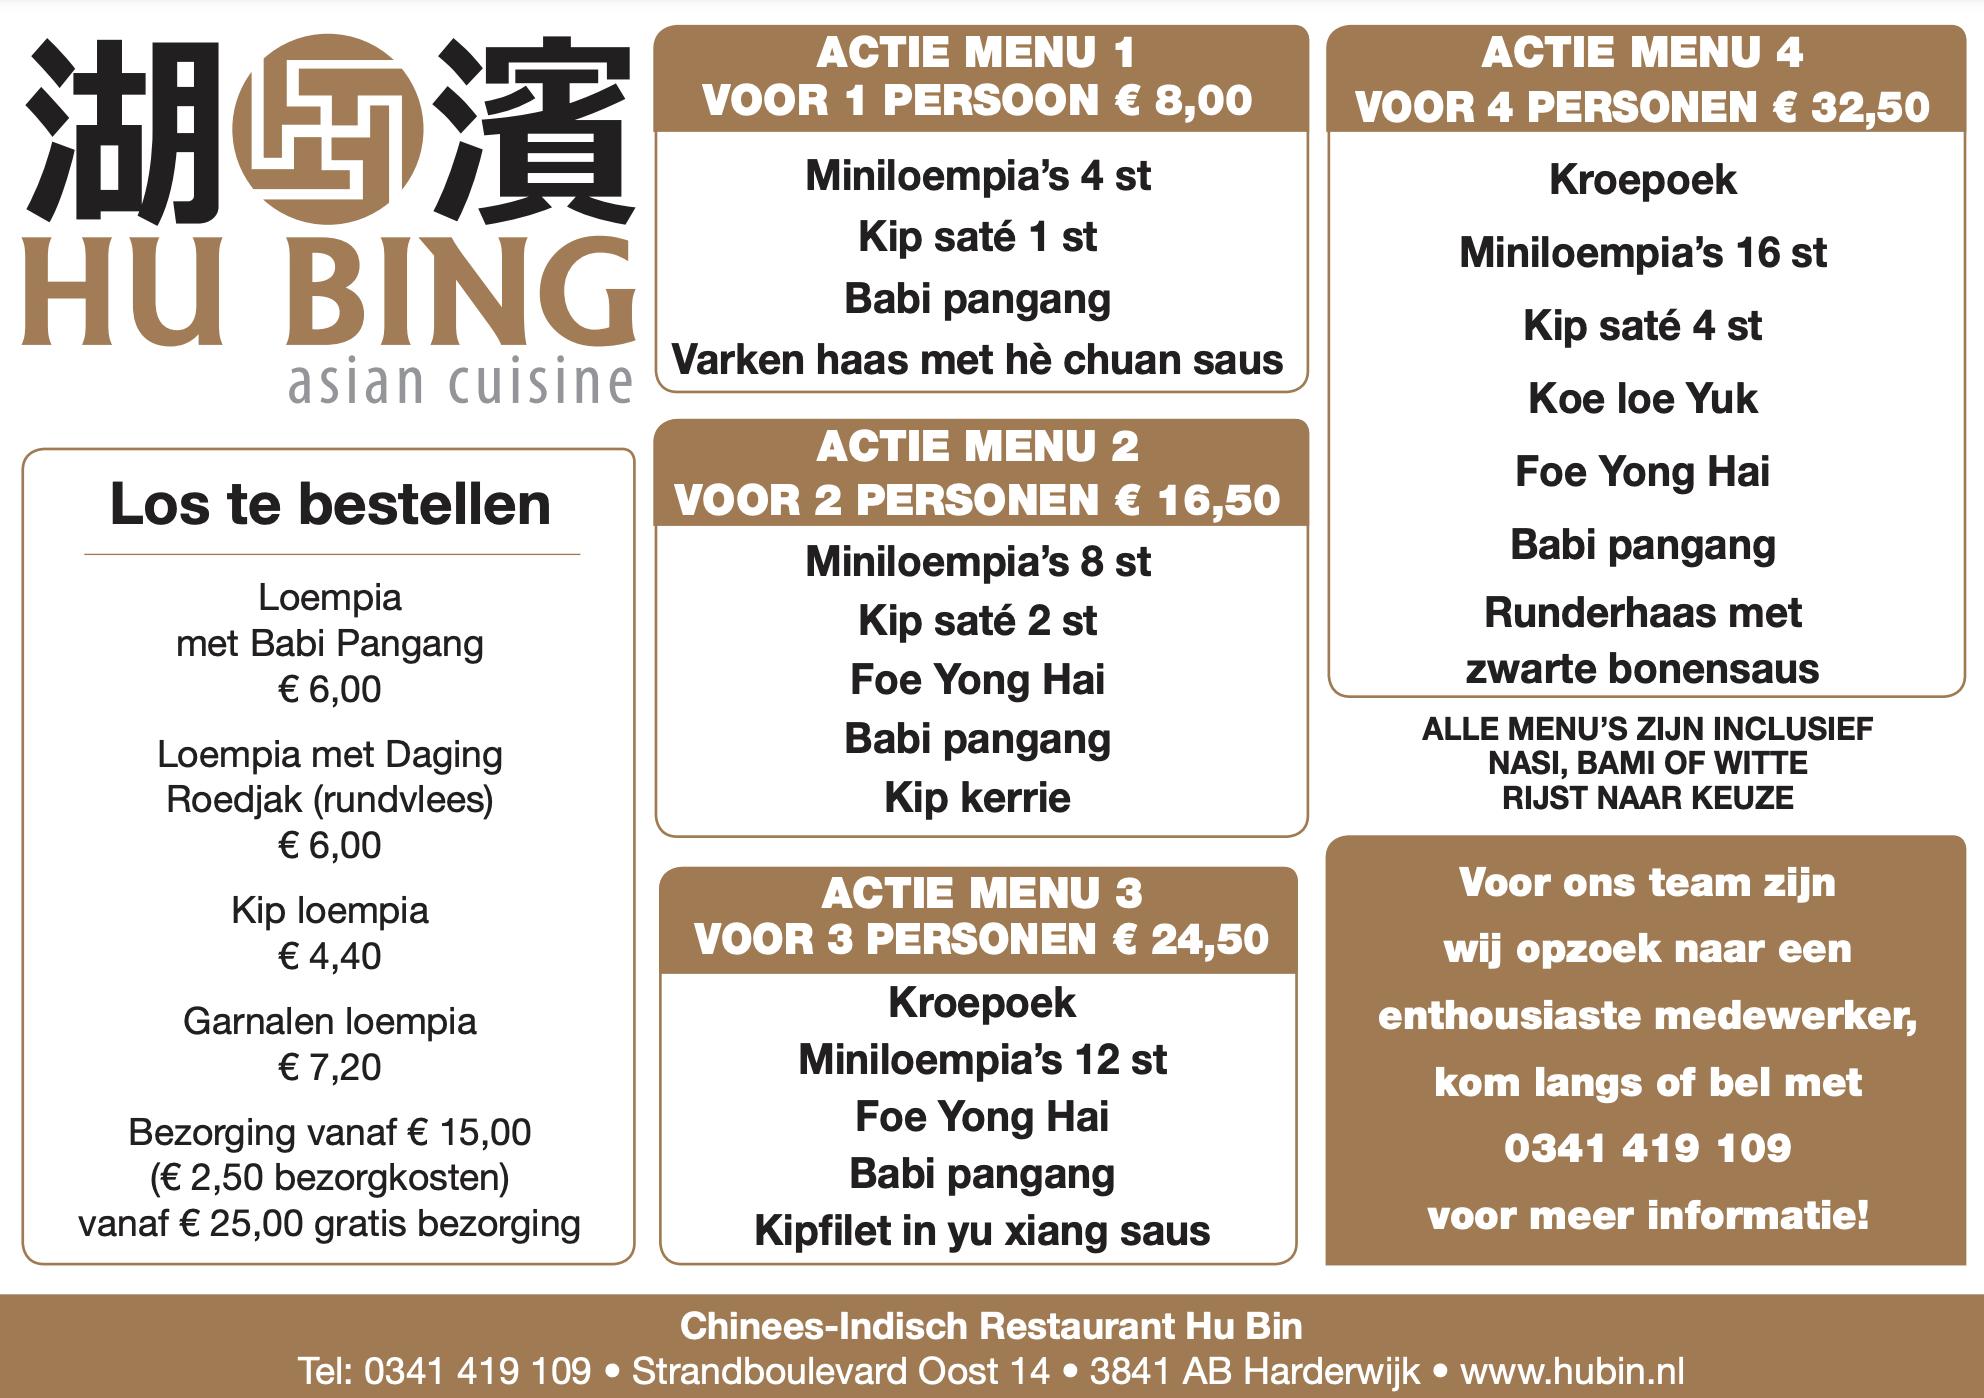 Actie menu Hubin